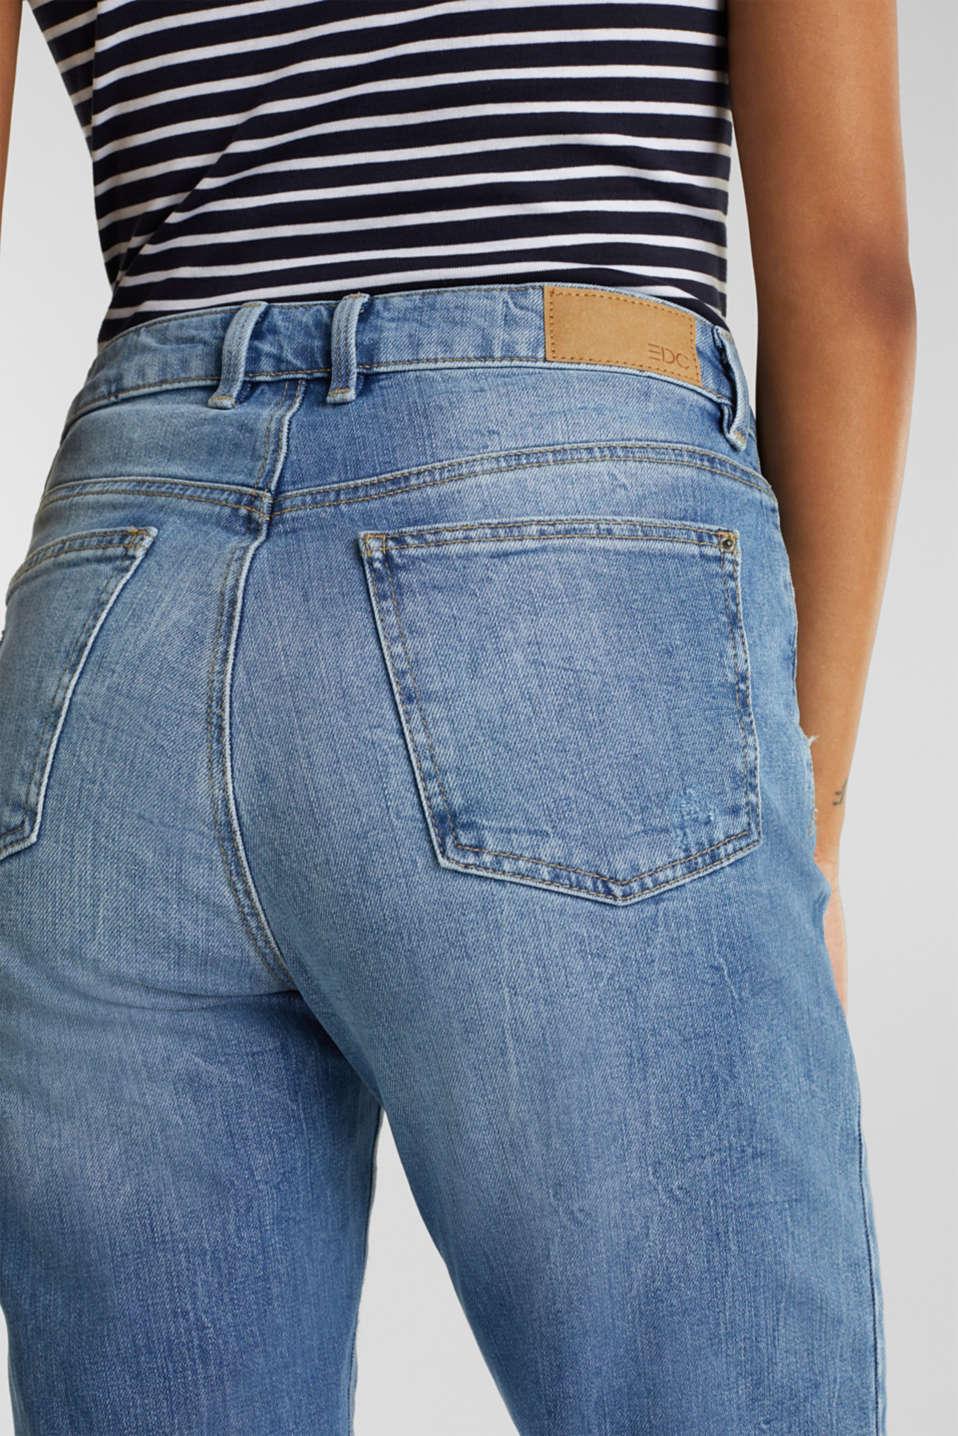 Jeans with vintage details, BLUE LIGHT WASH, detail image number 5